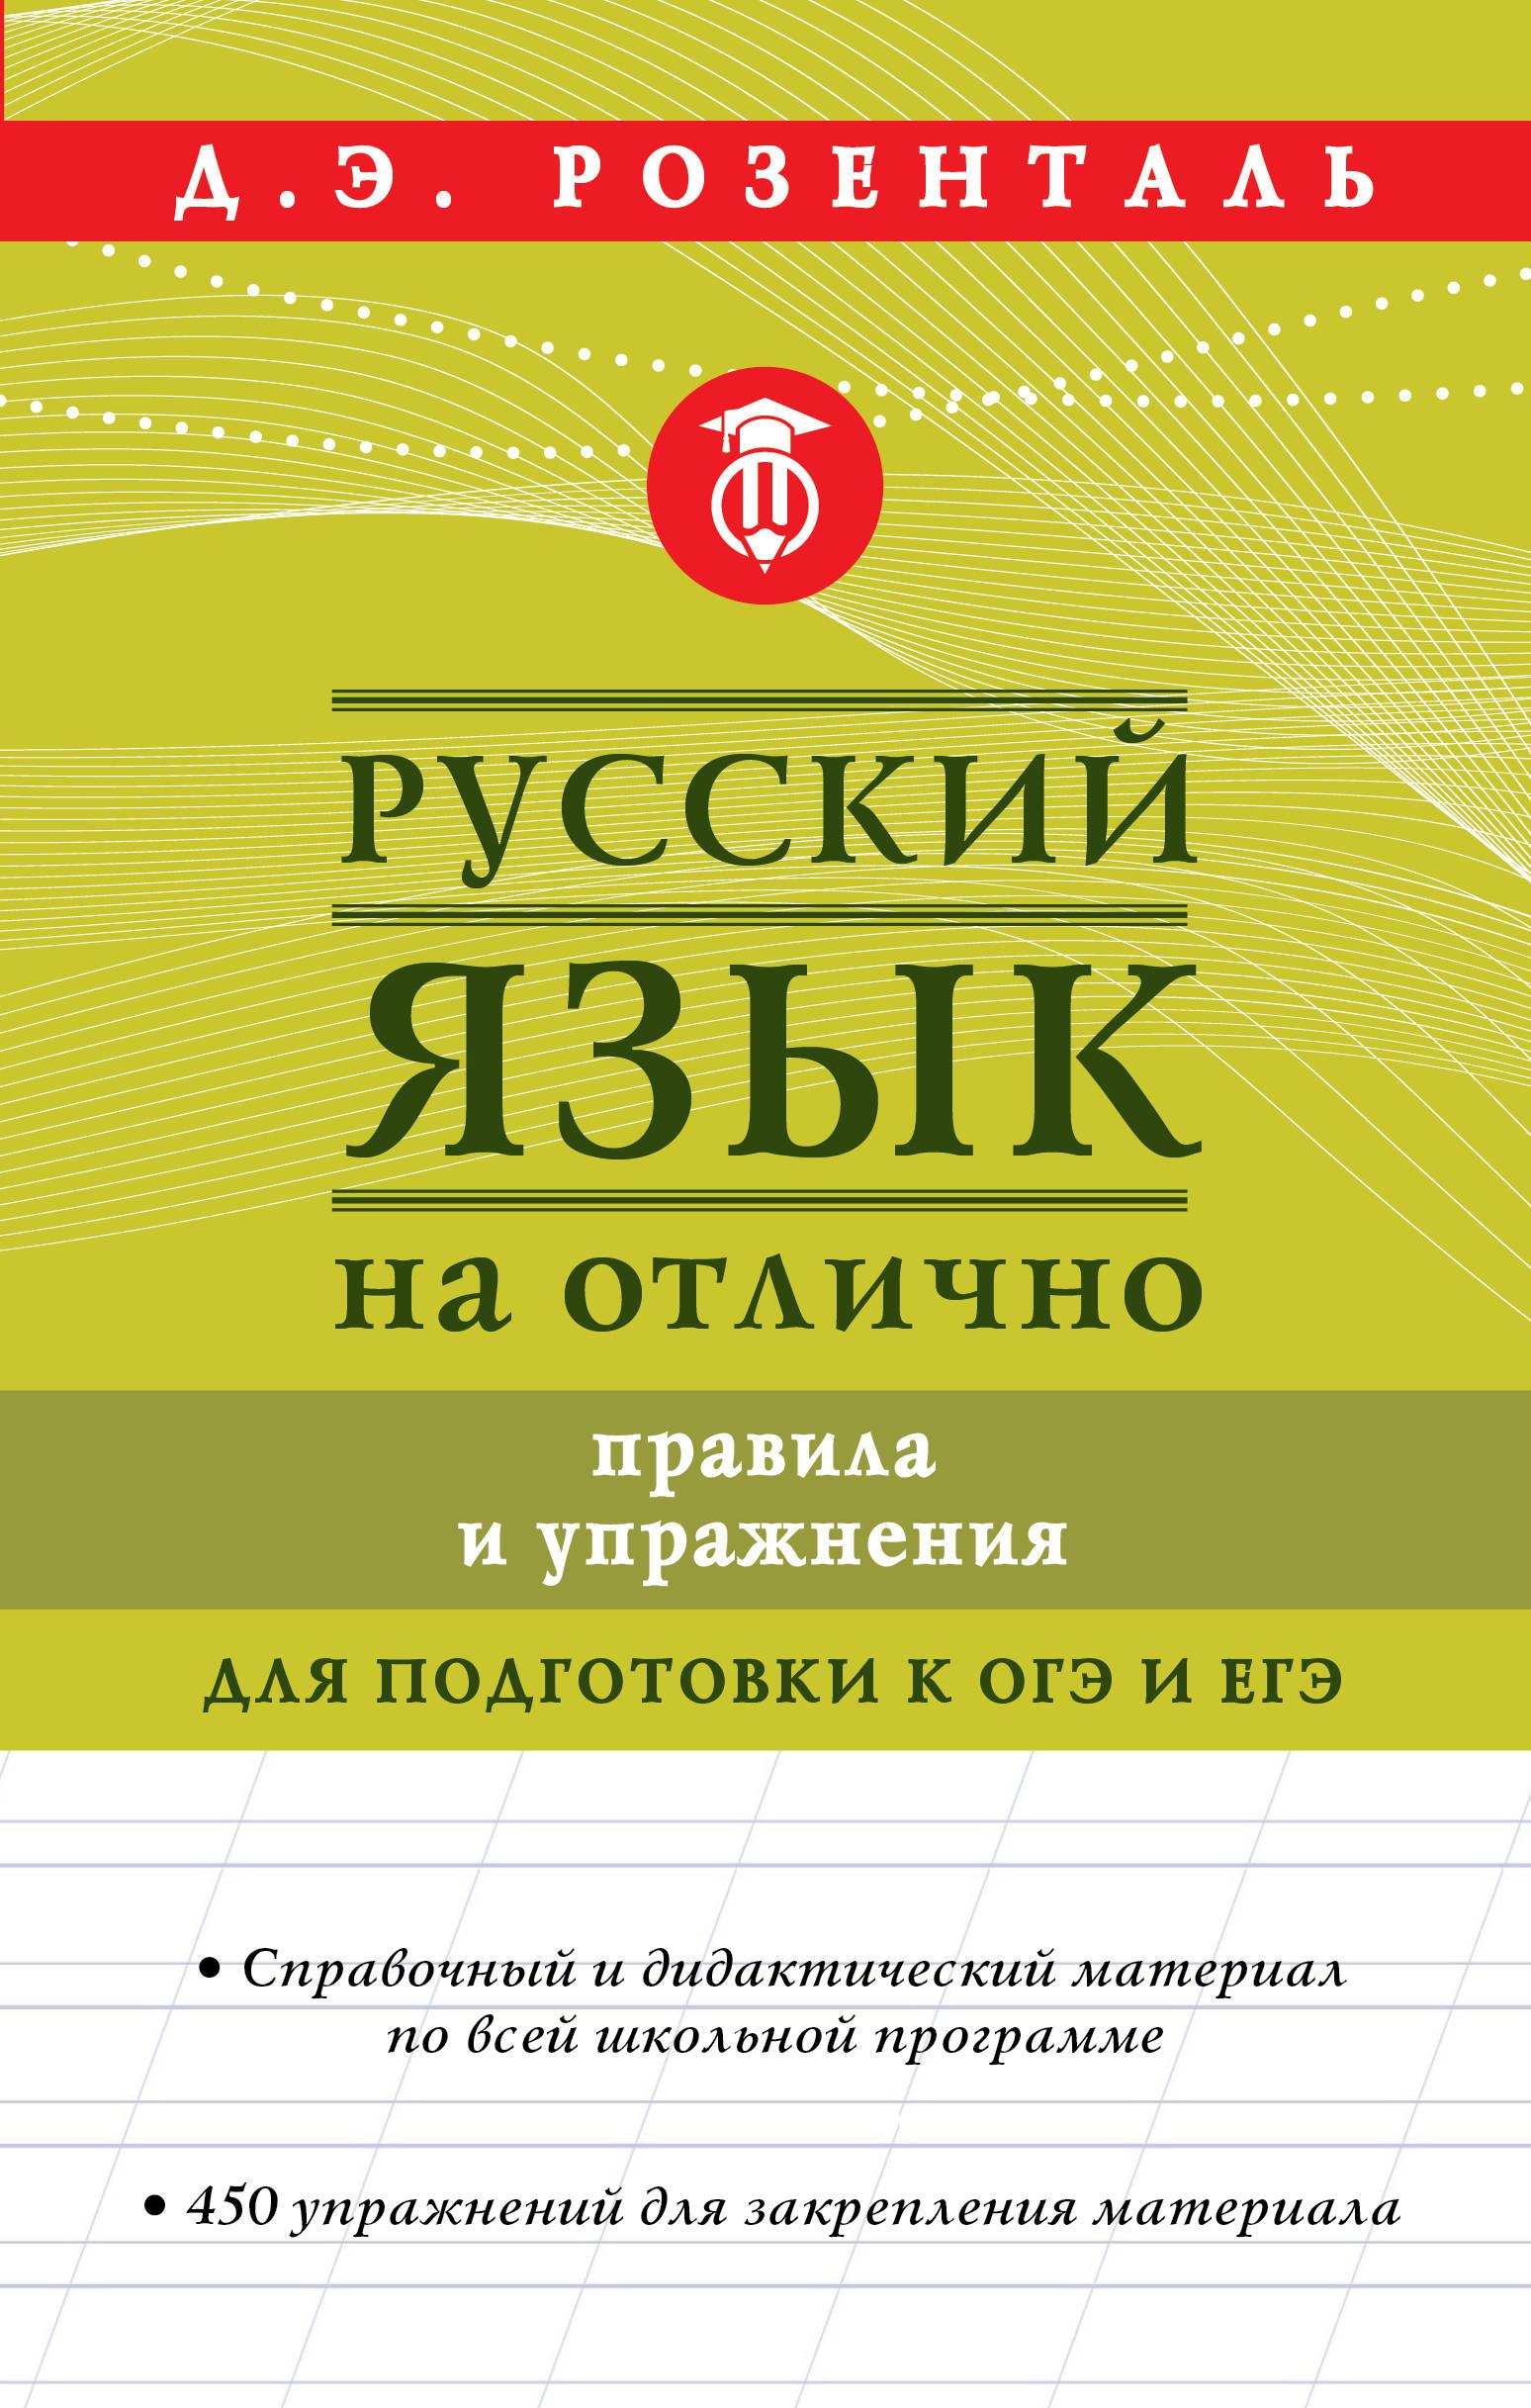 Розенталь Дитмар Эльяшевич. Русский язык на отлично. Правила и упражнения